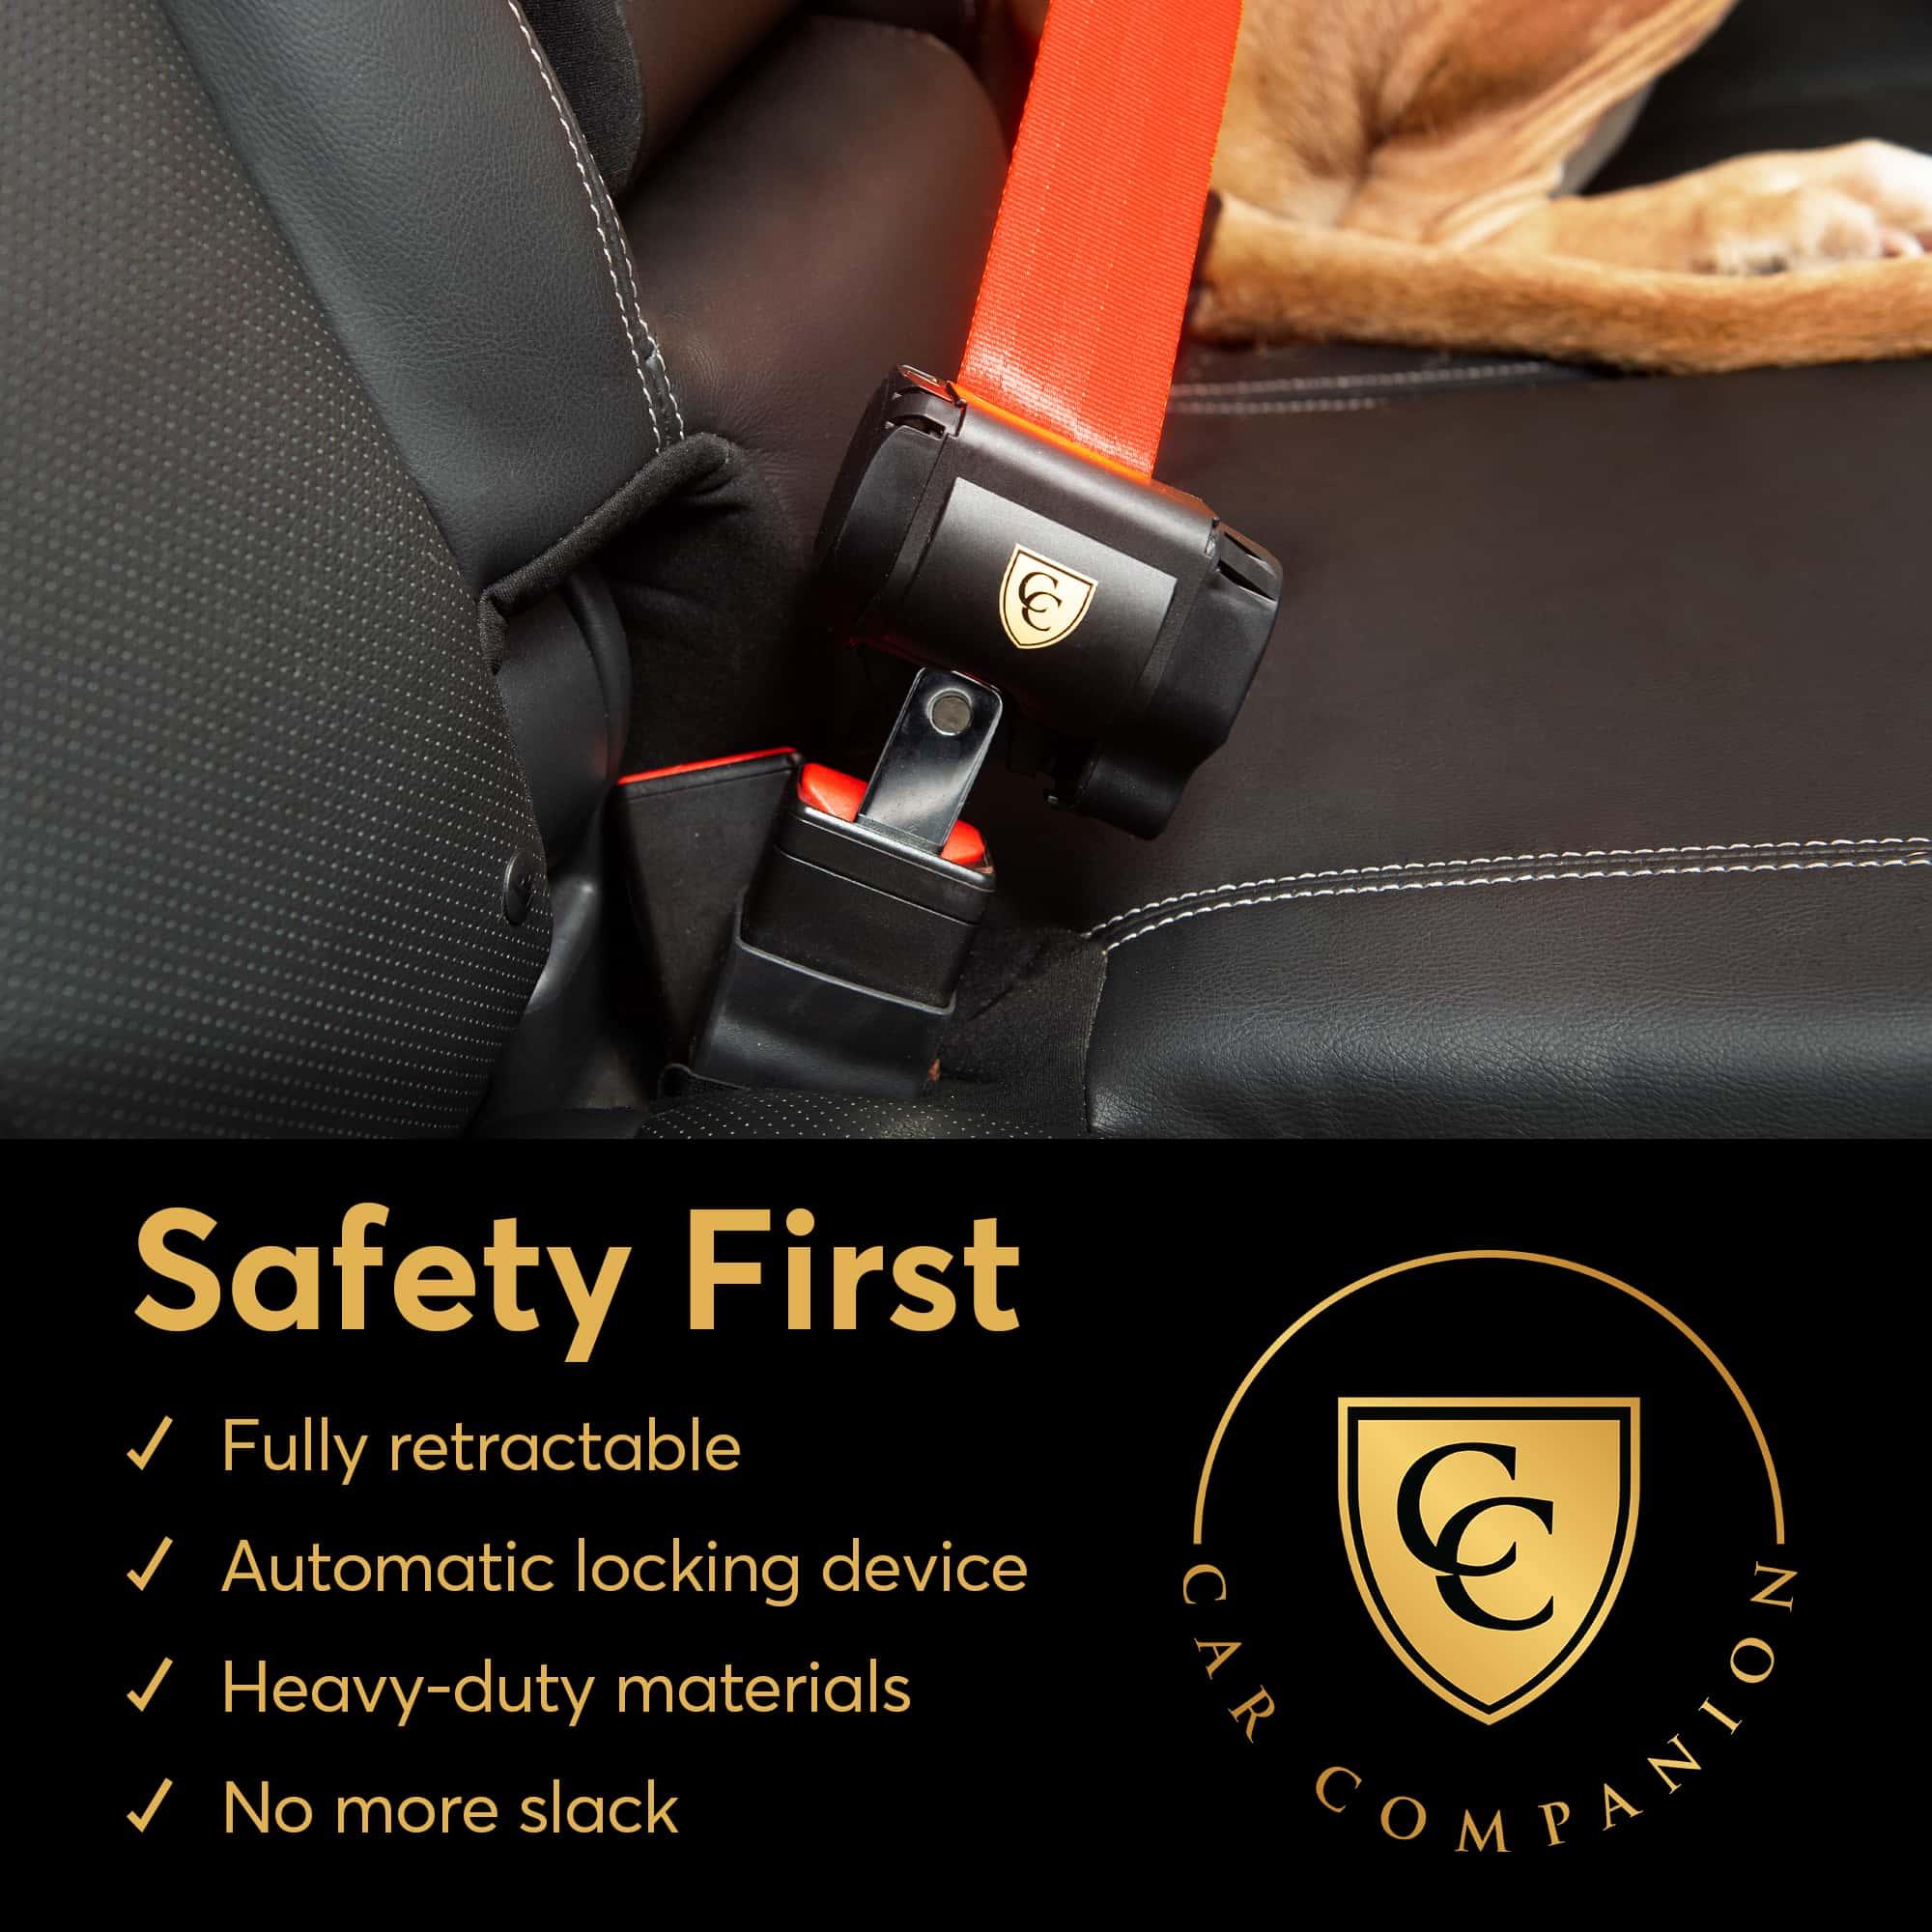 加拿大 Car Companion 自動鎖定裝置狗狗安全帶